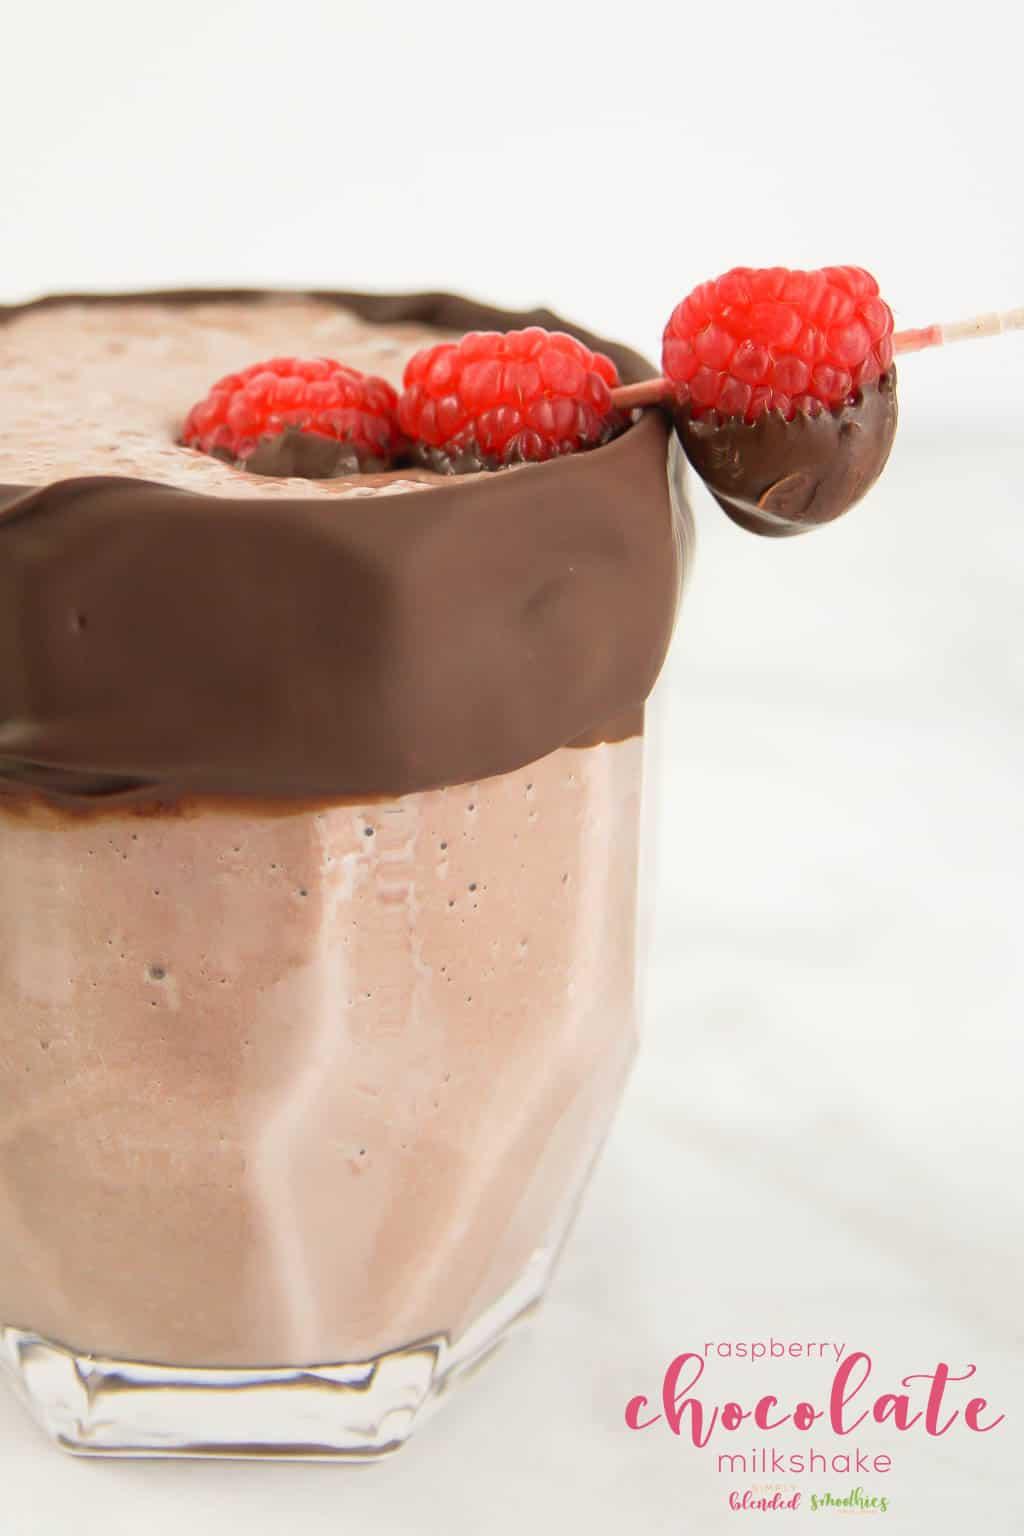 Raspberry Chocolate Milkshake